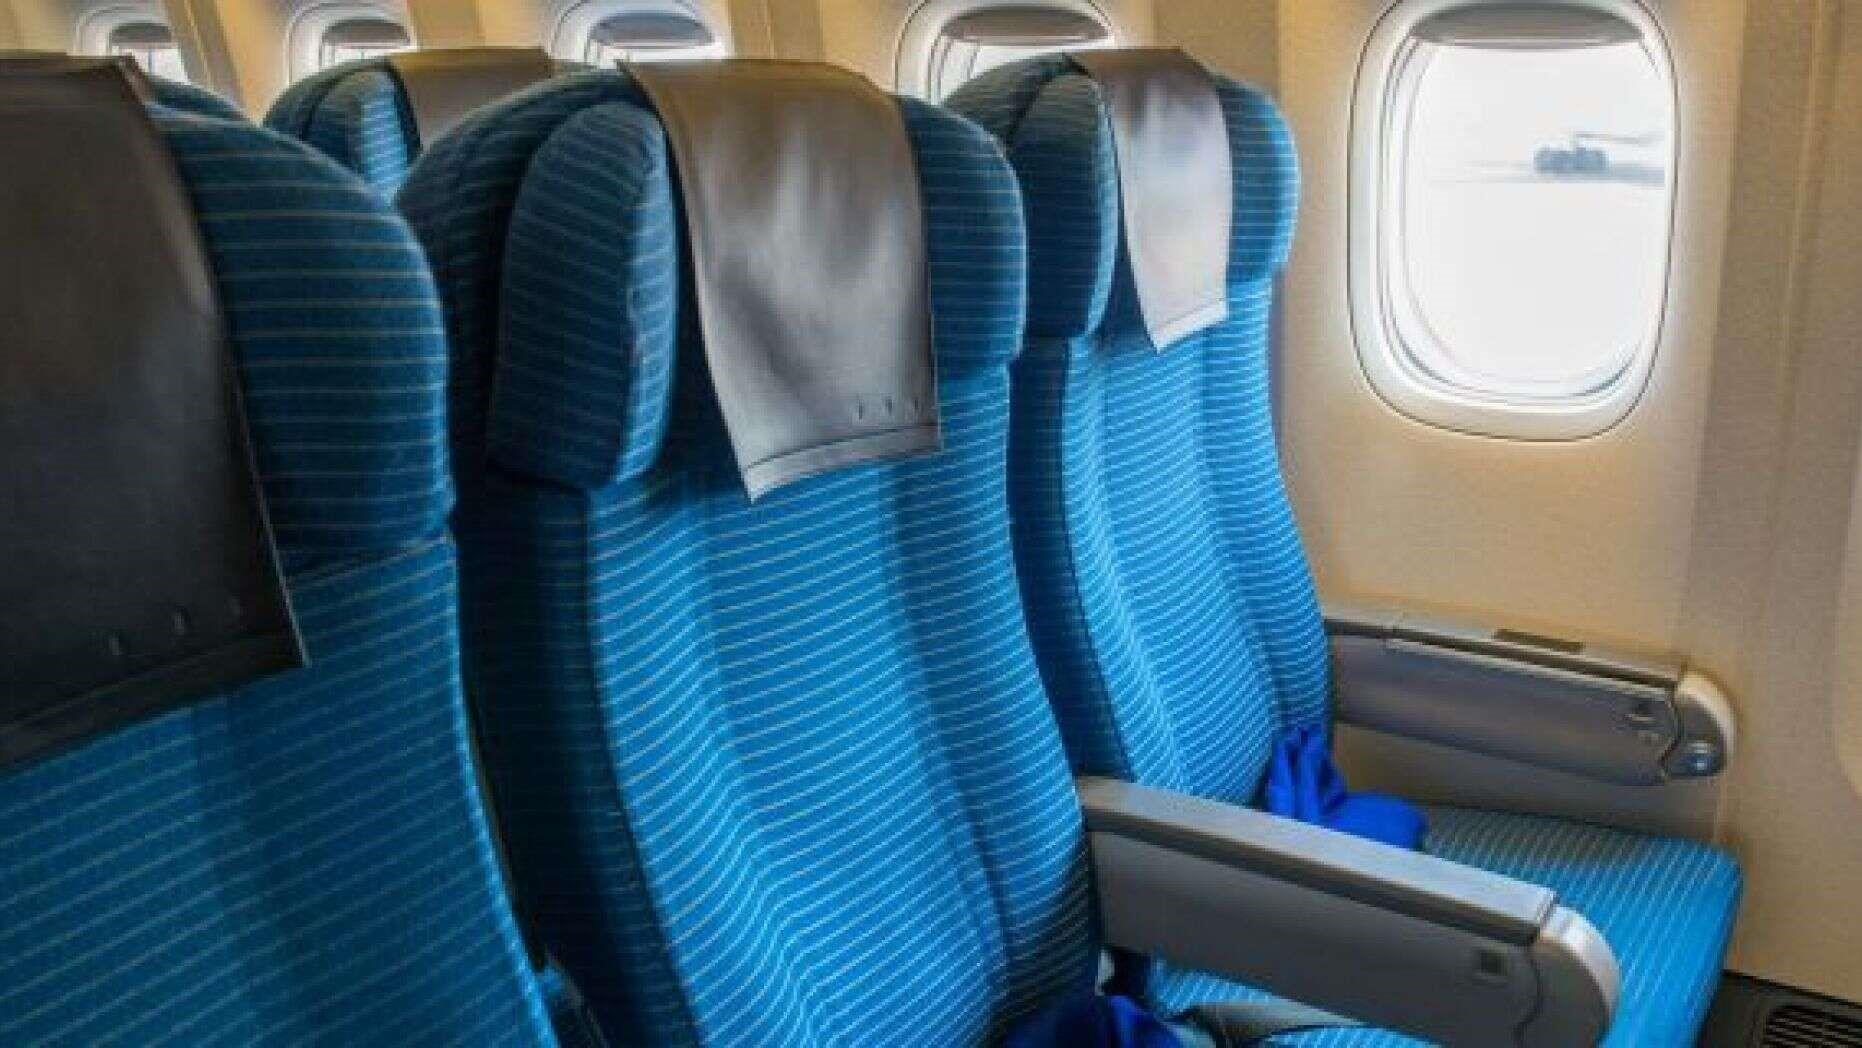 میکروب های داخل هواپیما